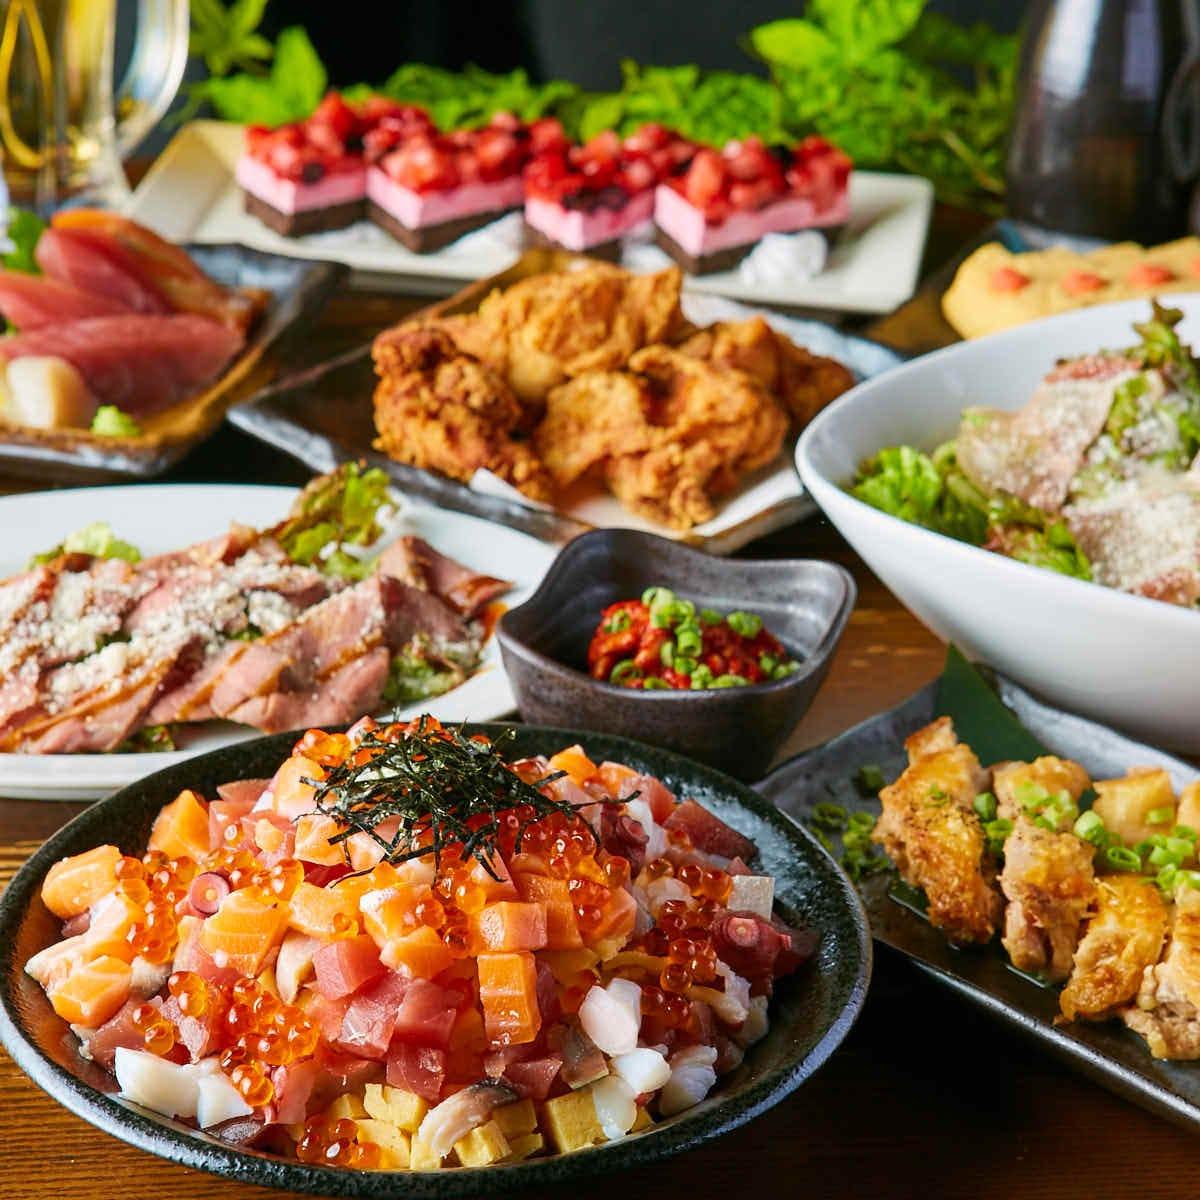 見た目も味も絶品の本格和食料理をご用意しております!